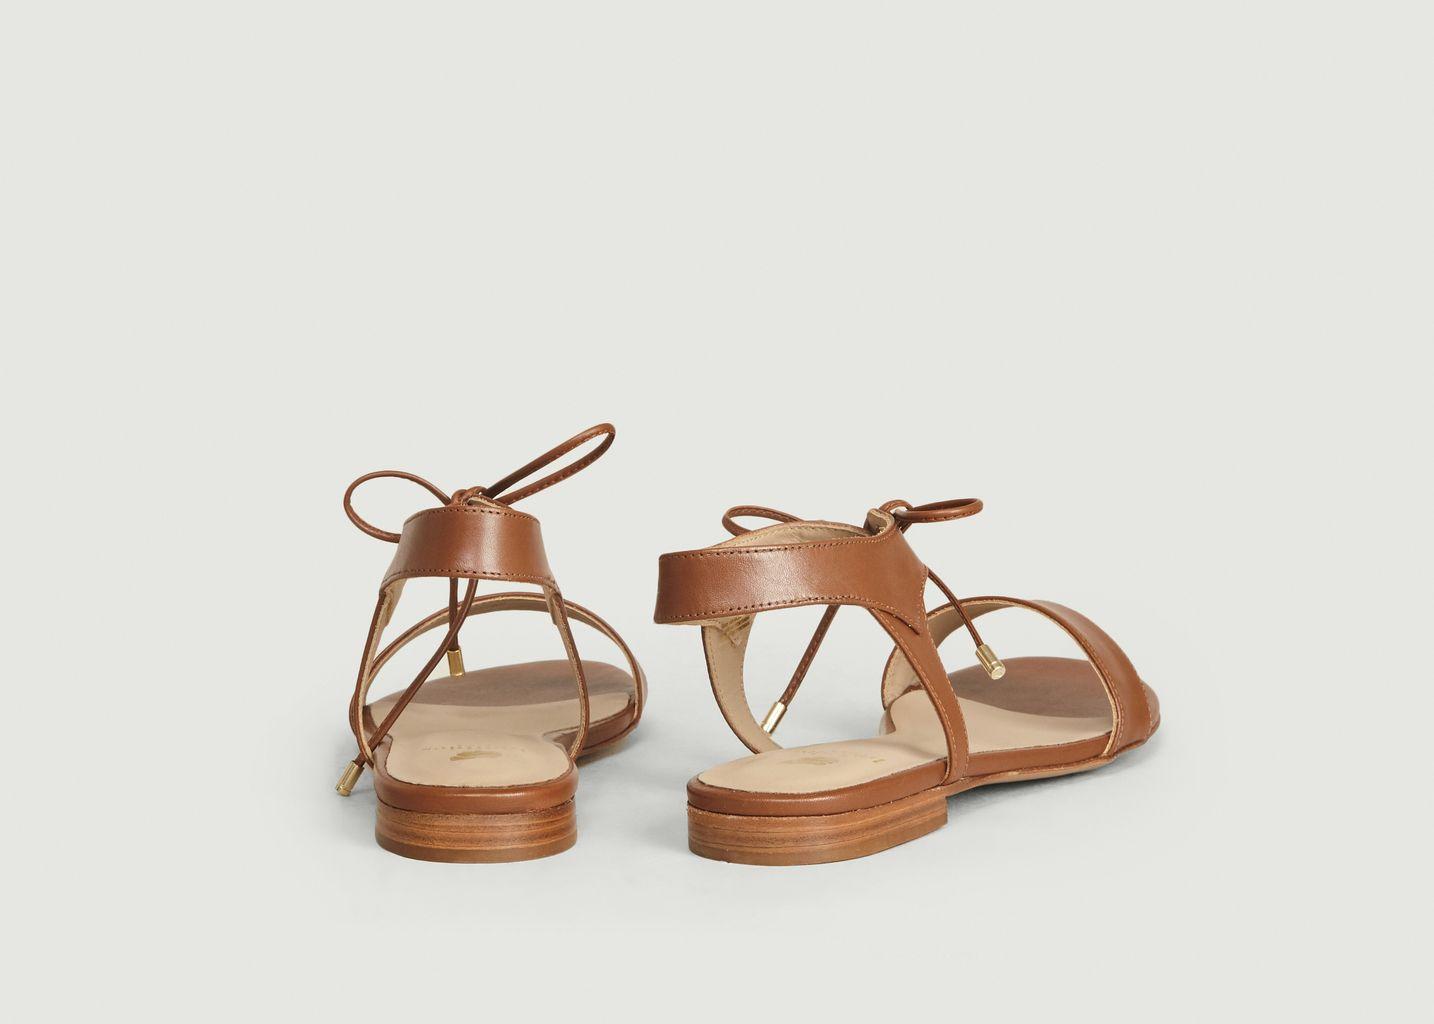 Sandales En Cuir La Conquise - Bobbies Paris